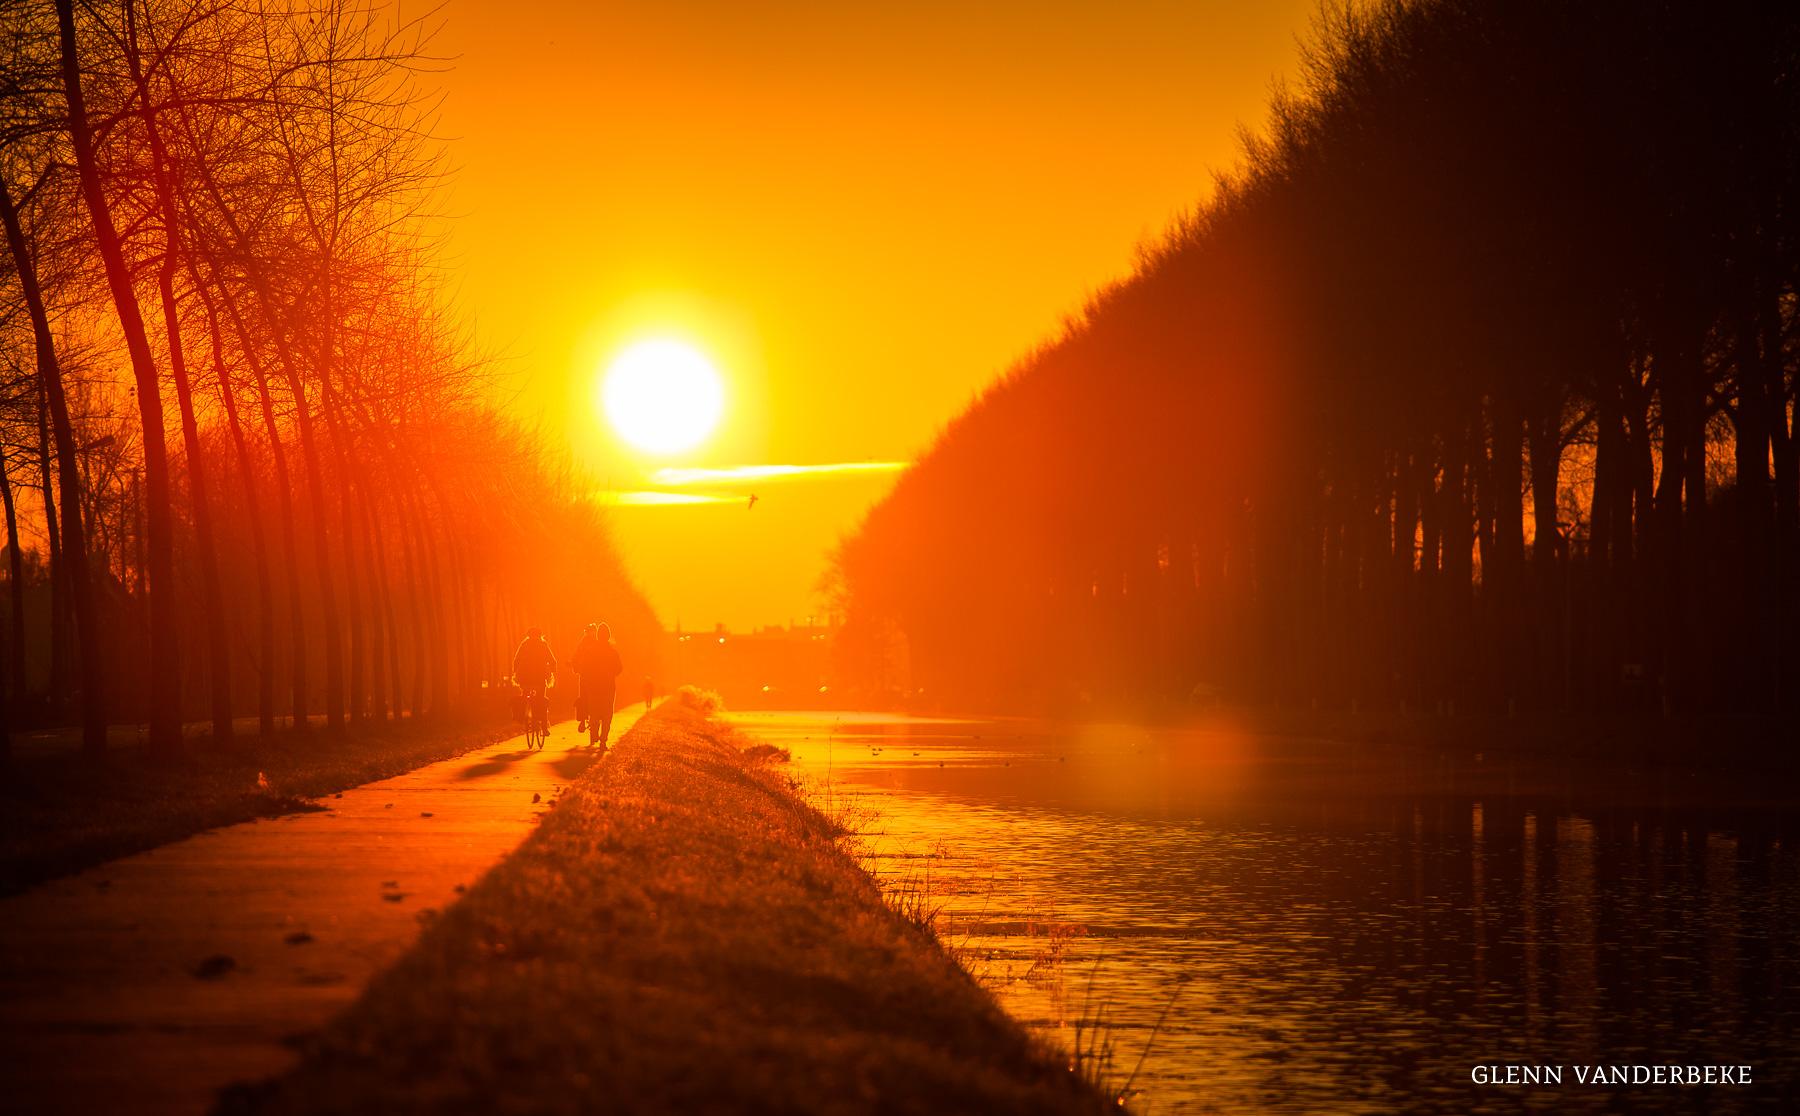 Mens-en-natuur-Damme-België-©-Glenn-Vanderbeke-5433.jpg